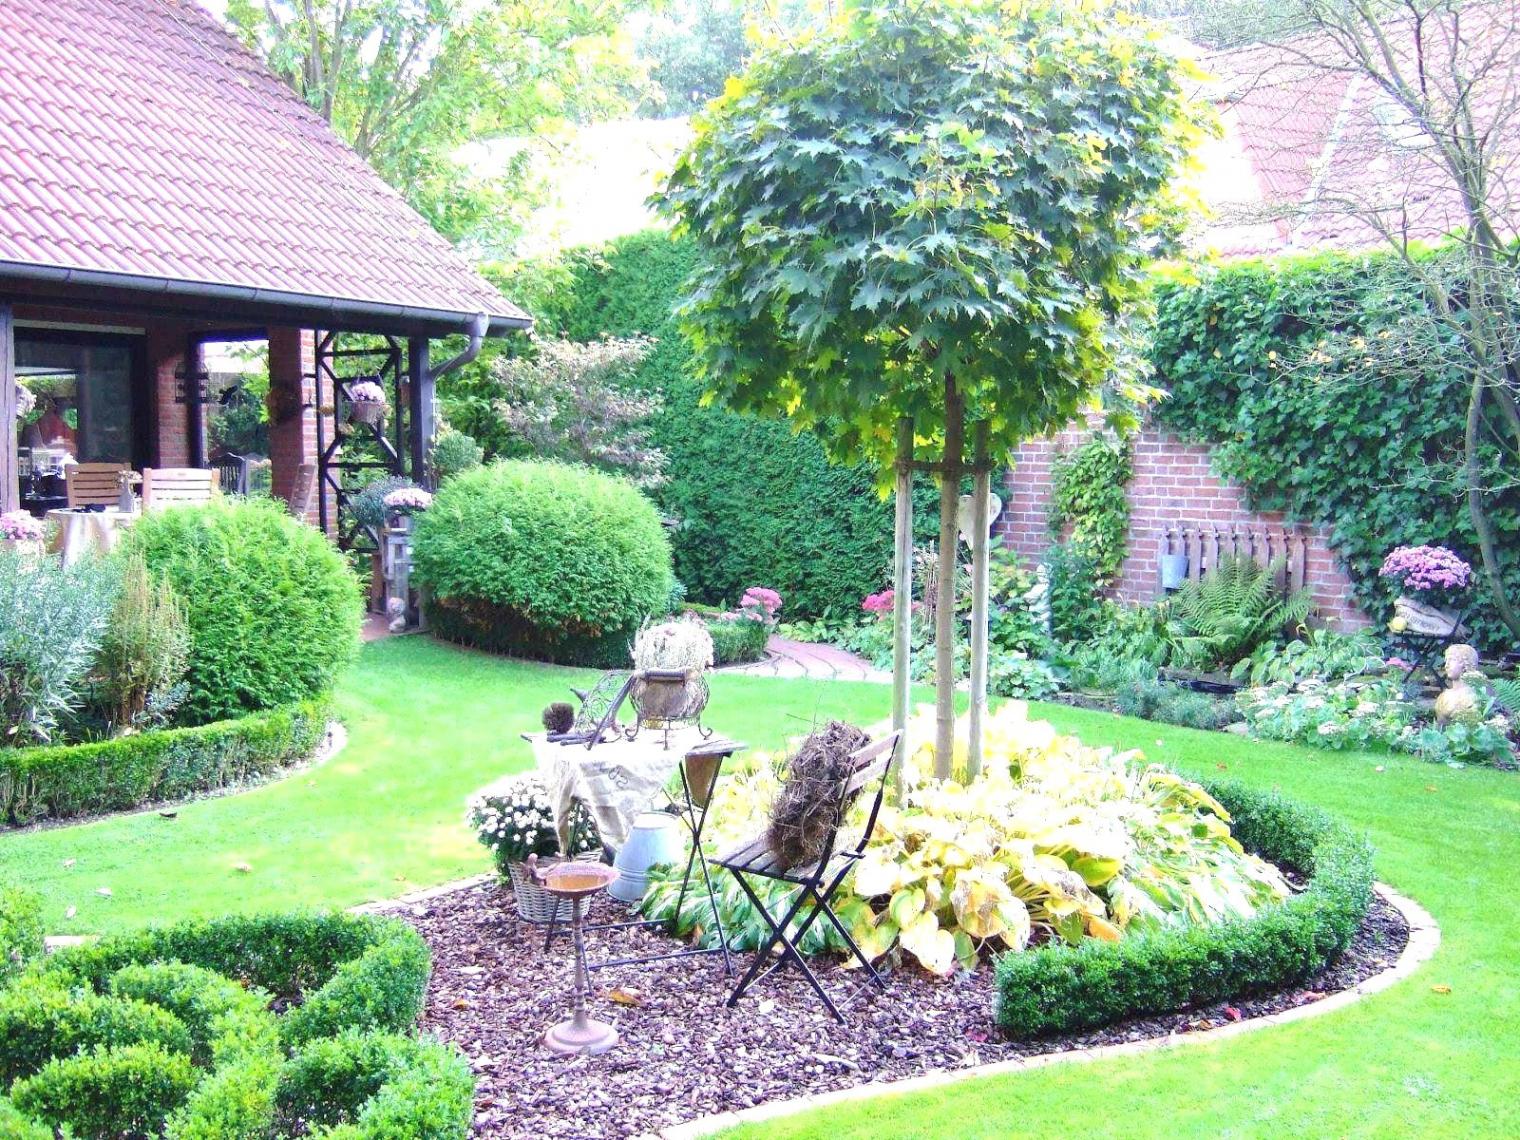 Alten Garten Neu Gestalten Einzigartig Alten Garten Neu Anlegen — Temobardz Home Blog